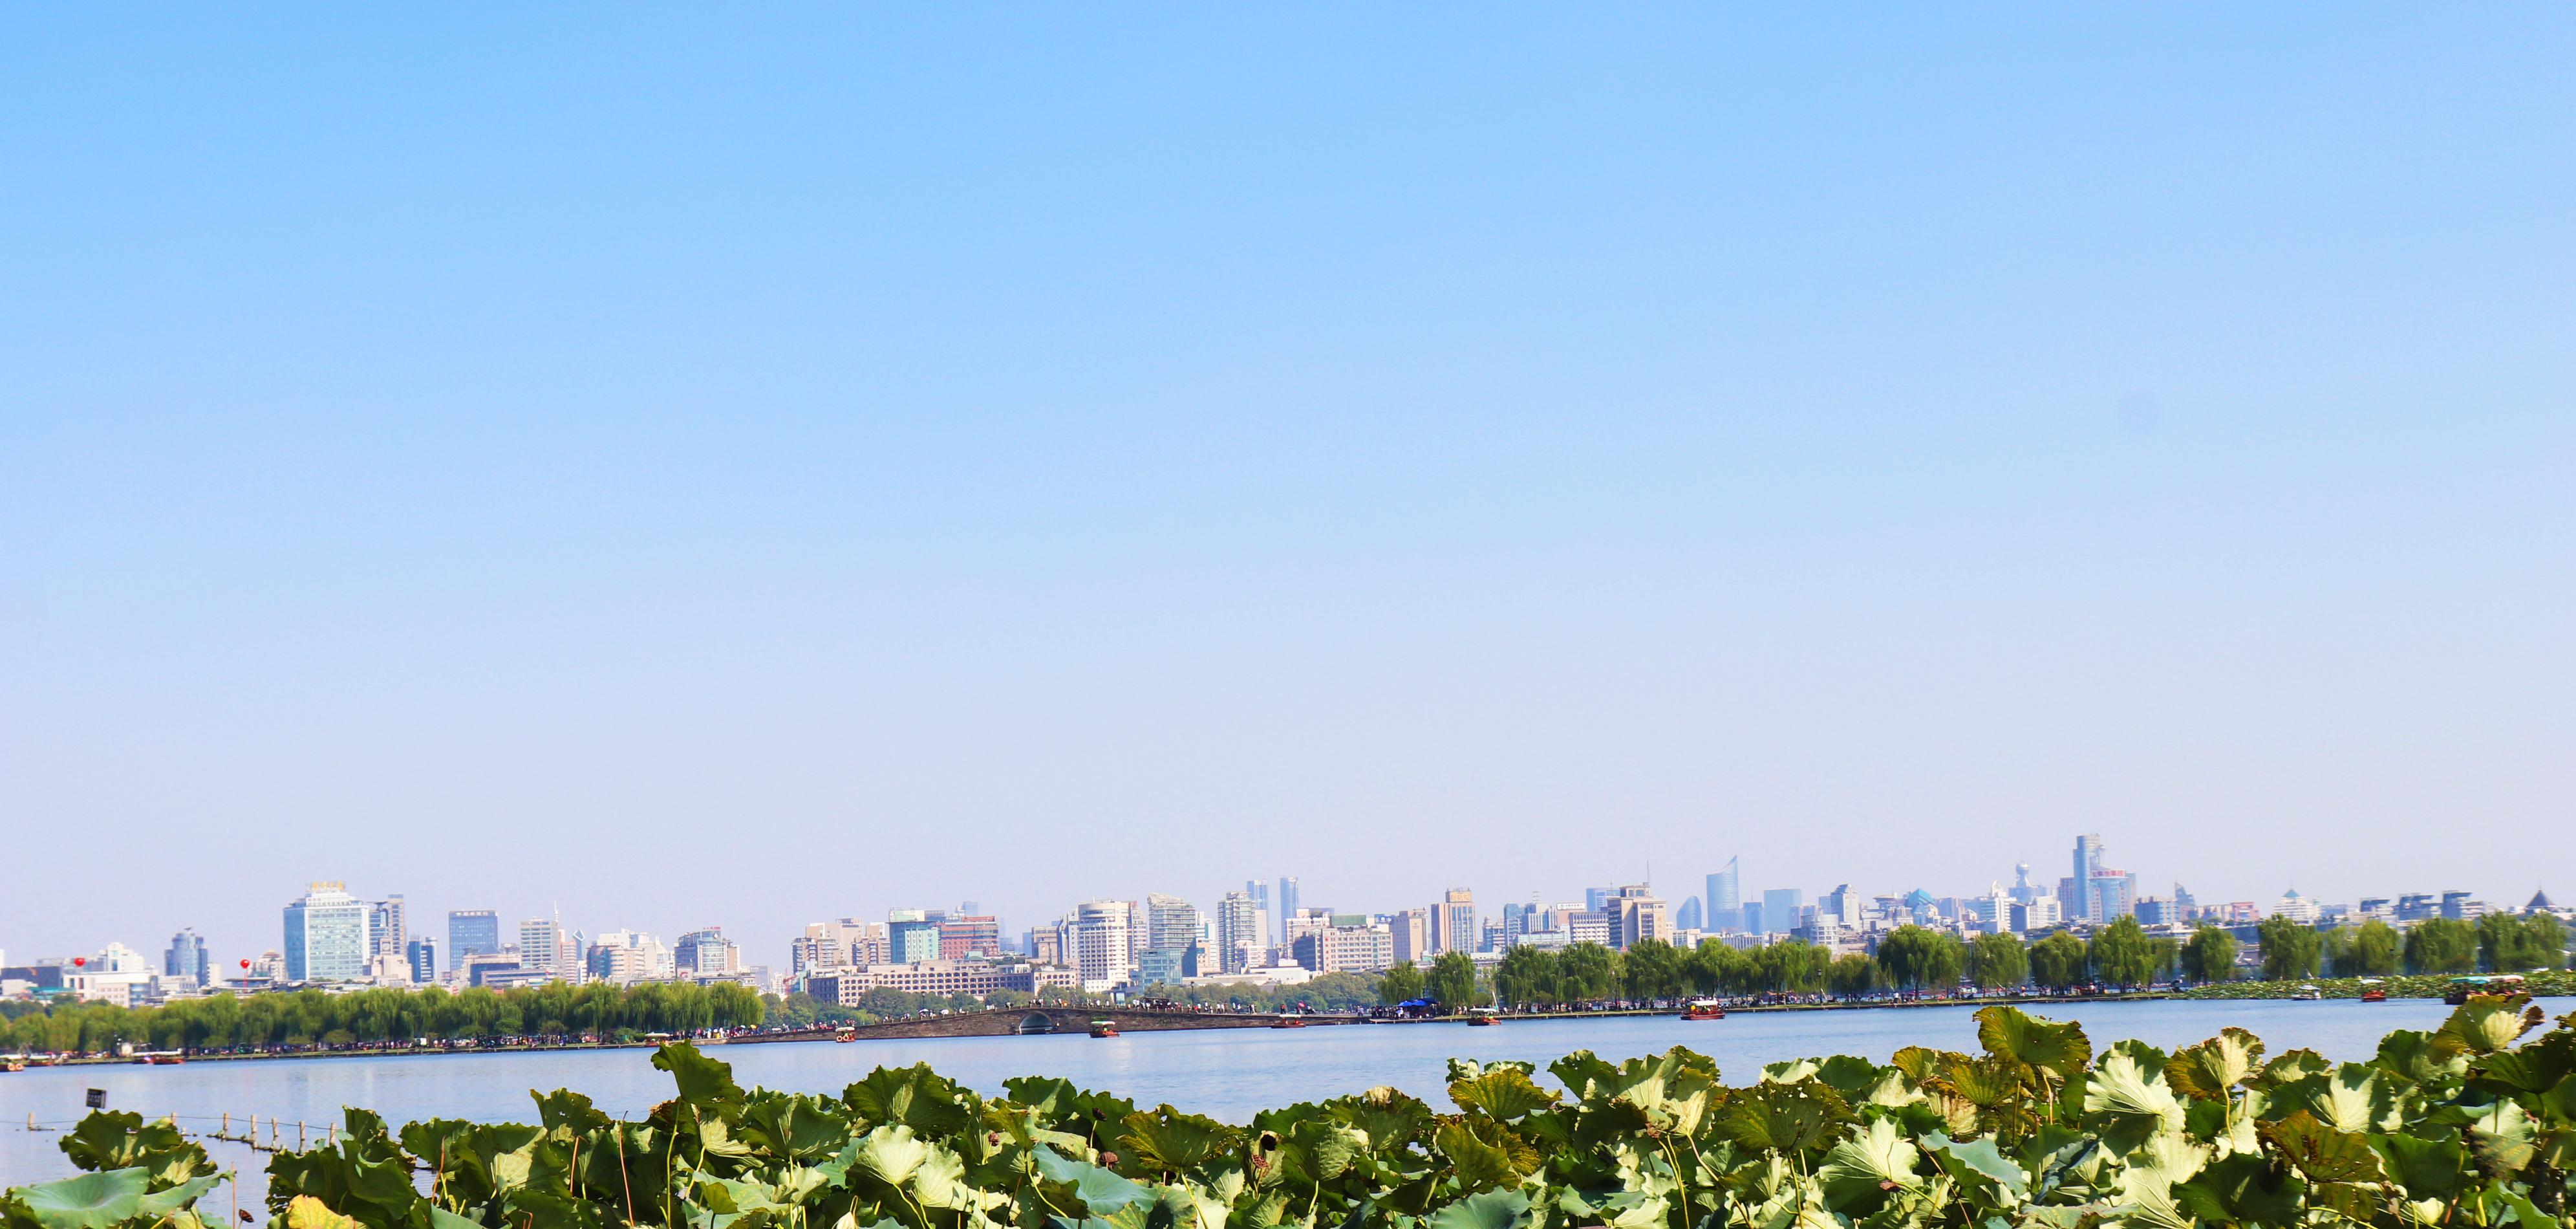 长江环保集团与湖南省衡阳市签订合作框架协议